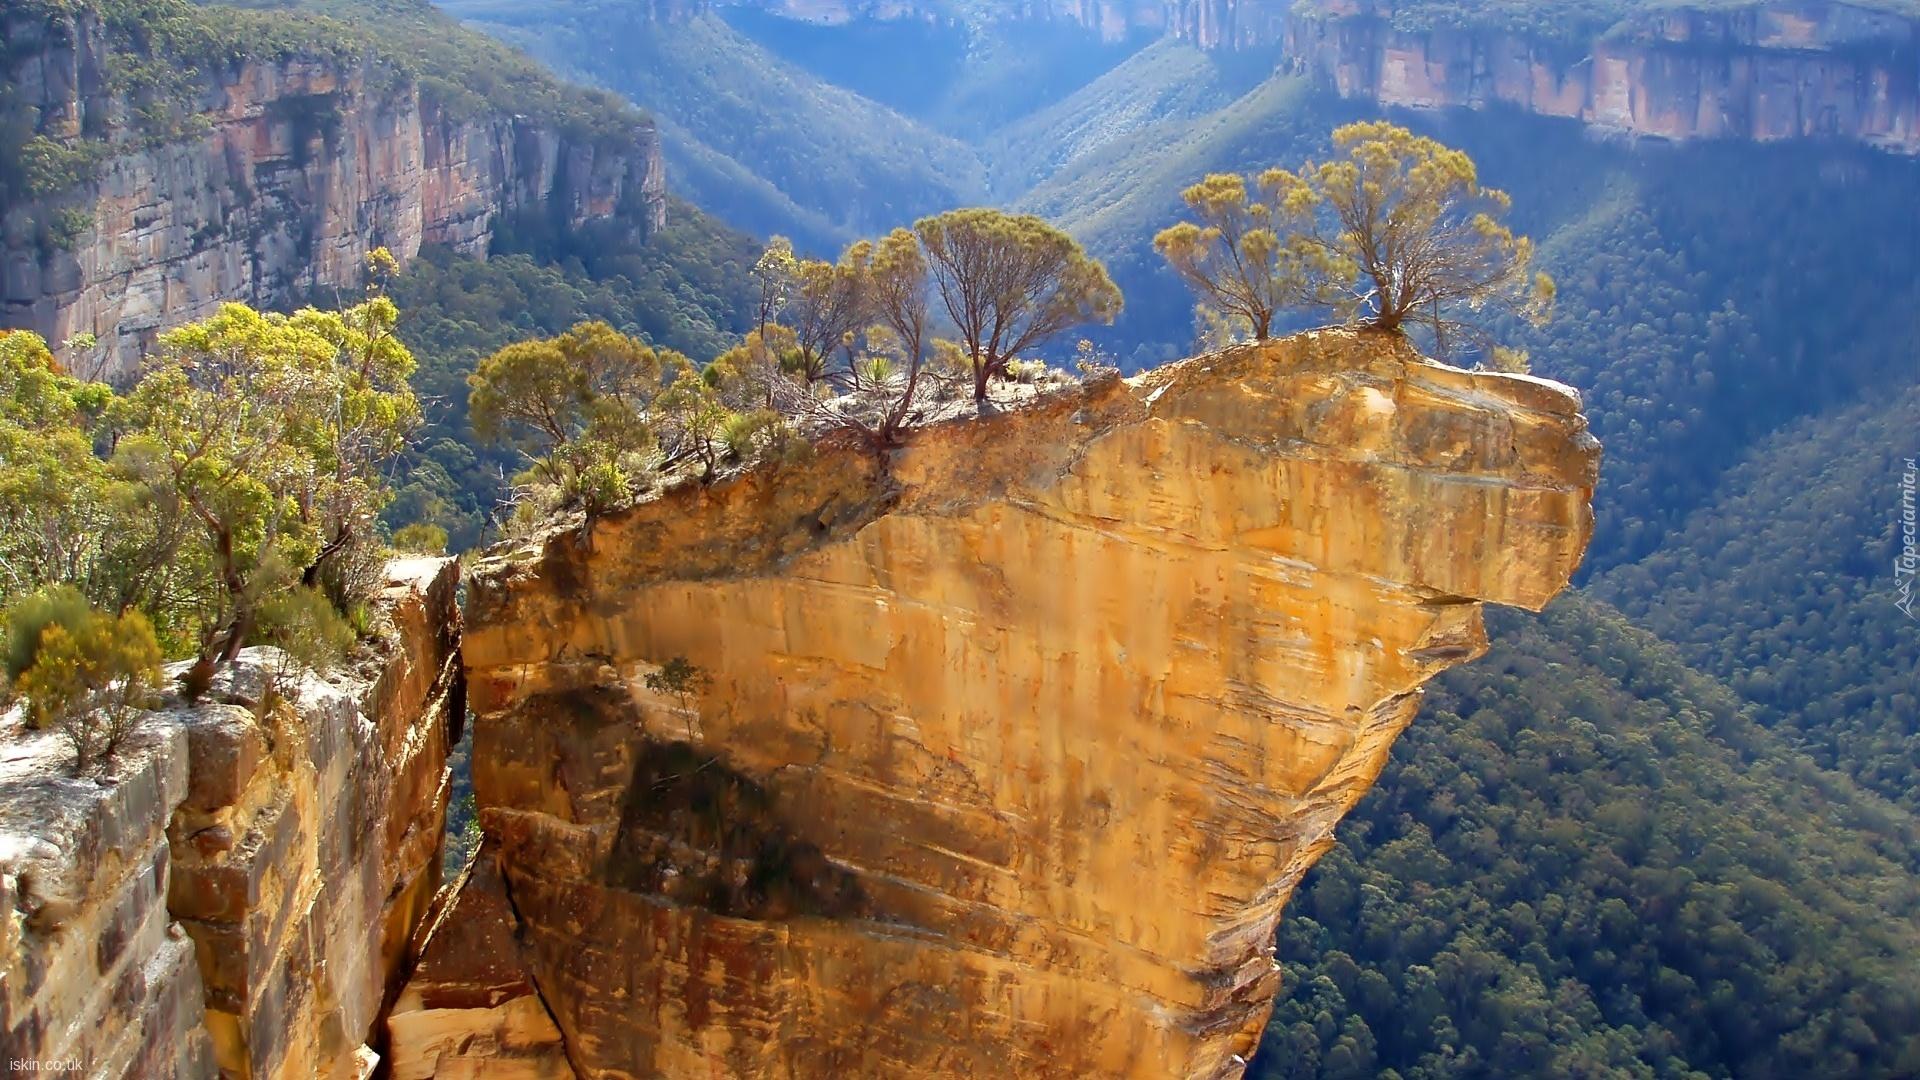 природа деревья скалы горы ночь река онлайн